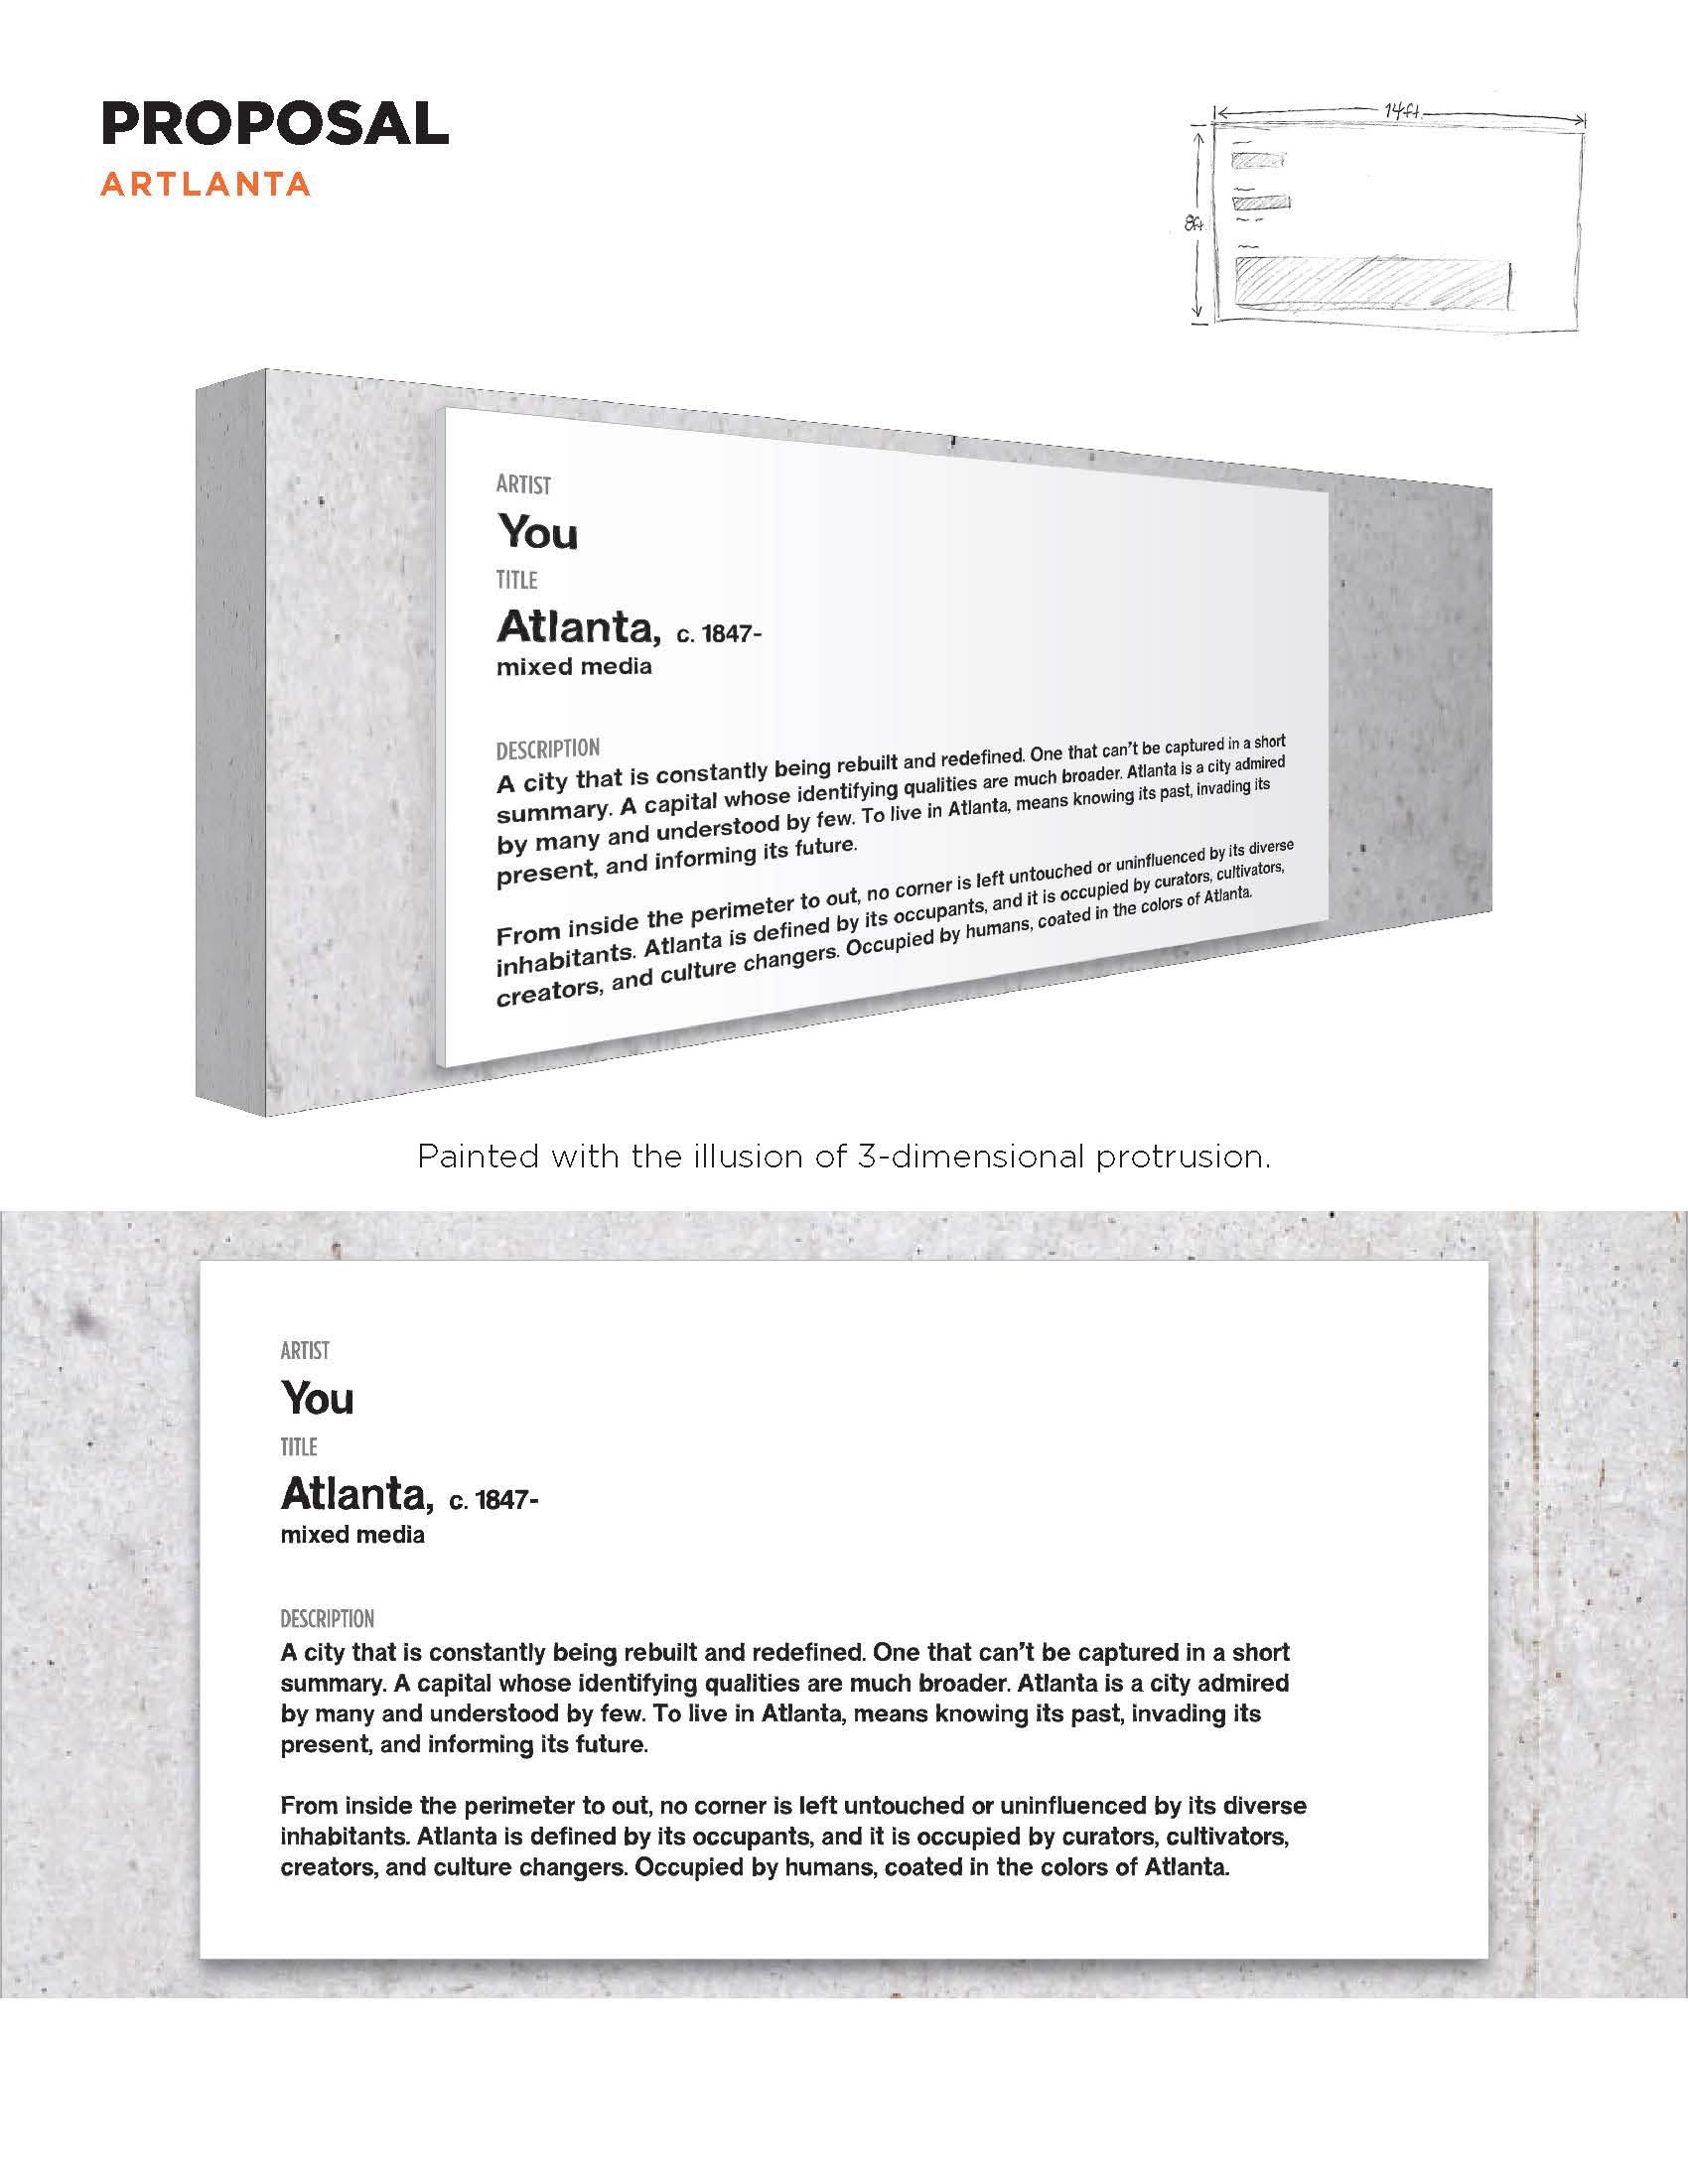 Artlanta_BeltLine_RFP_Page_3.jpg